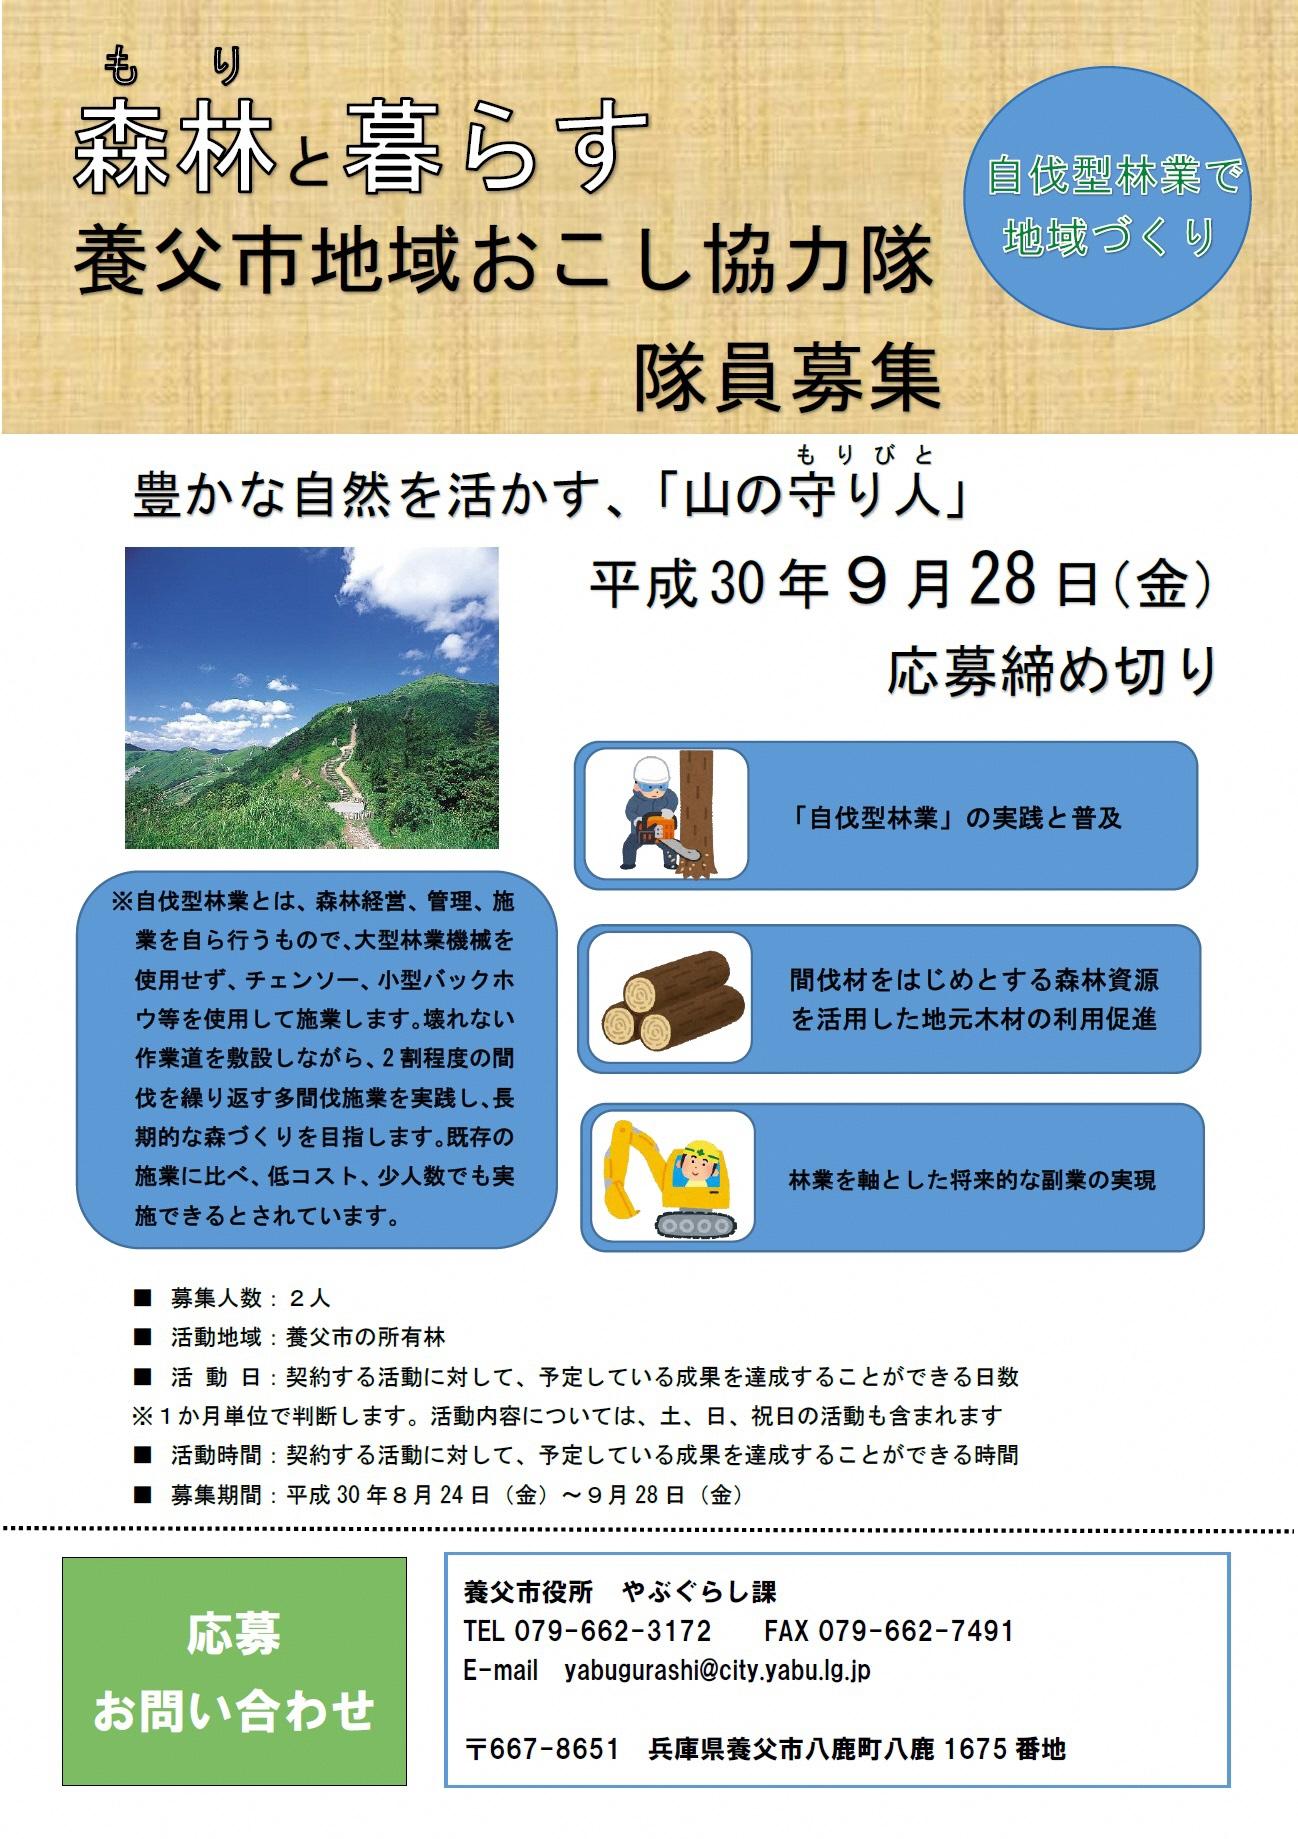 関西で自伐型林業家を募集中!兵庫県養父市の「地域おこし協力隊」(9/28締切)